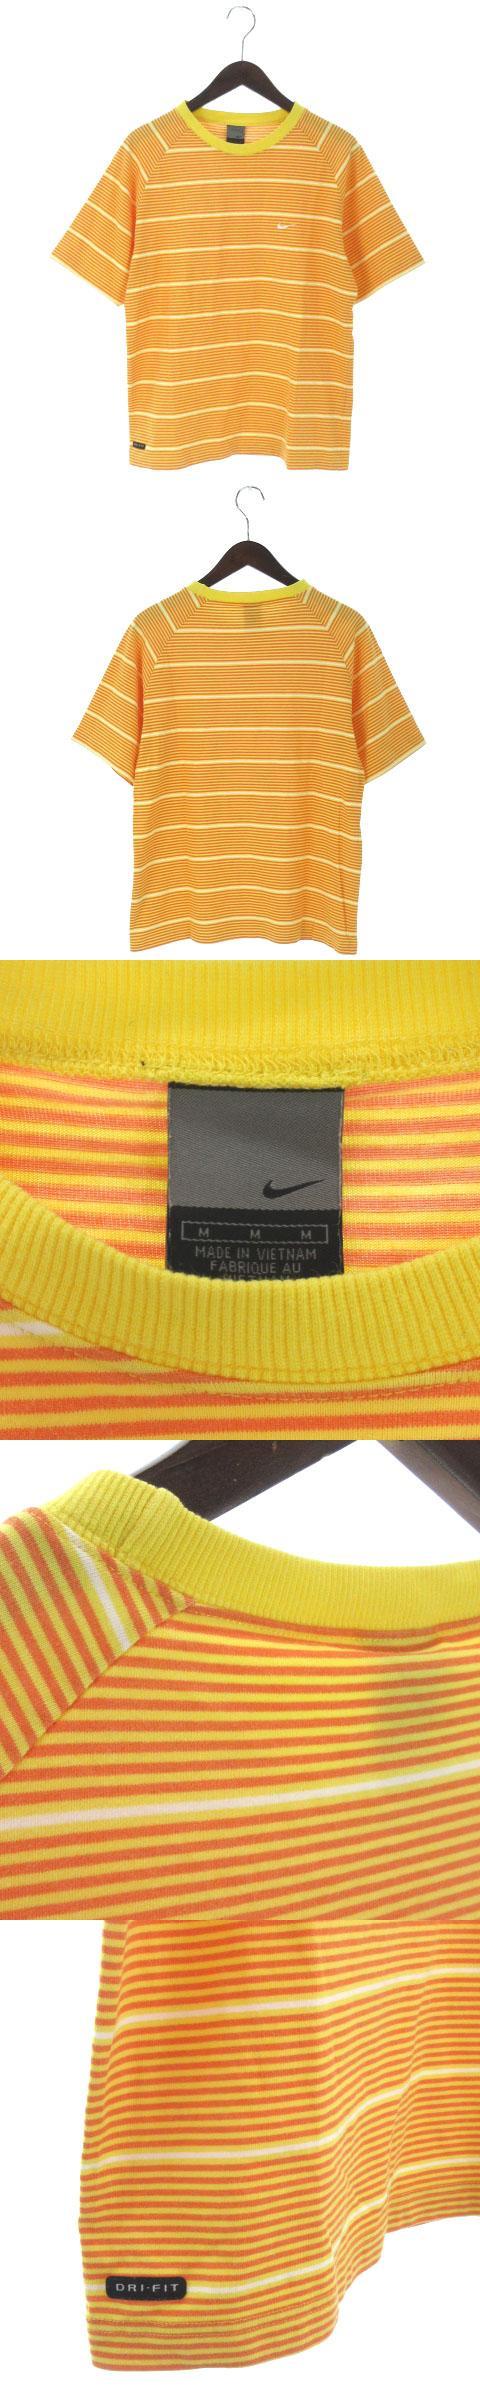 DRI-FIT Tシャツ 半袖 マルチ ボーダー トレーニング スポーツ 黄色 オレンジ M